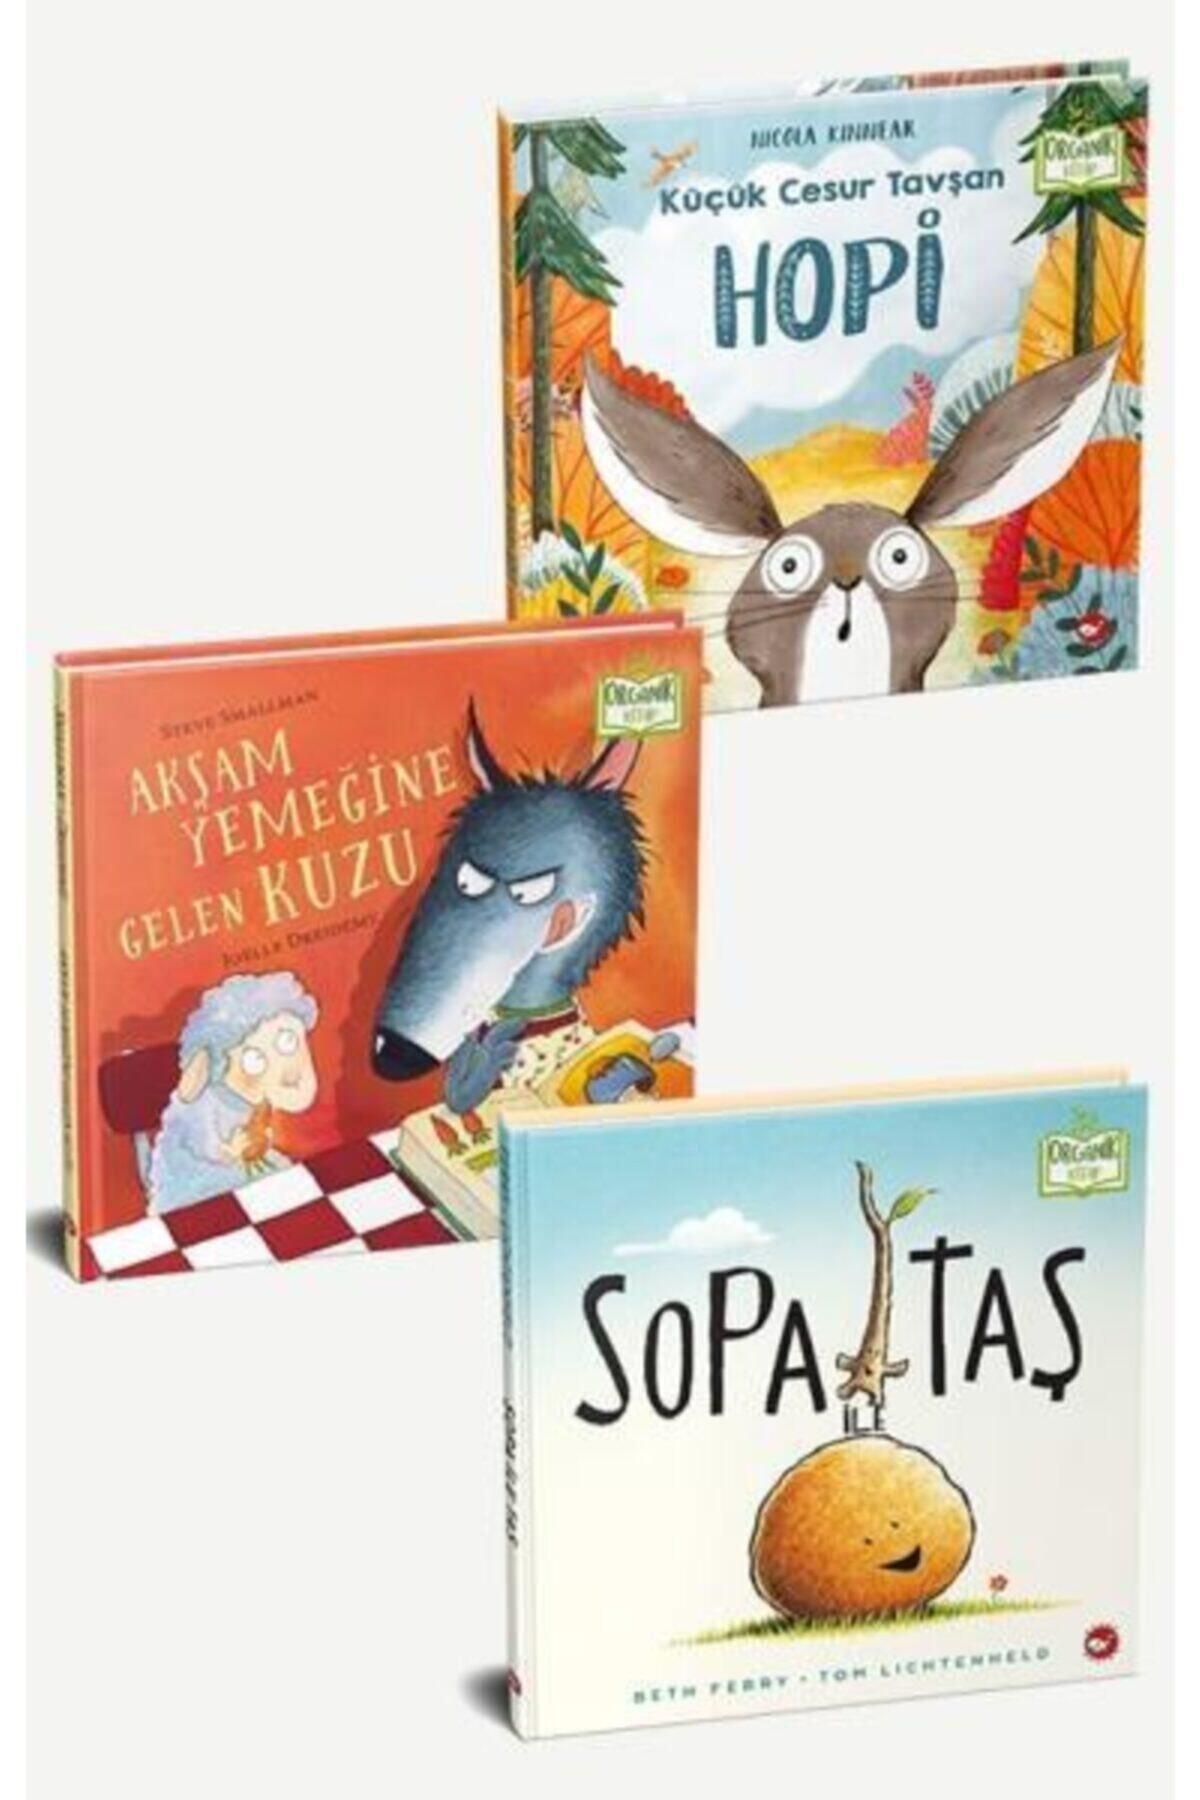 Beyaz Balina Yayınları Arkadaşlarımı Seviyorum Seti - 3 Kitap [organik Kitaplar] 1